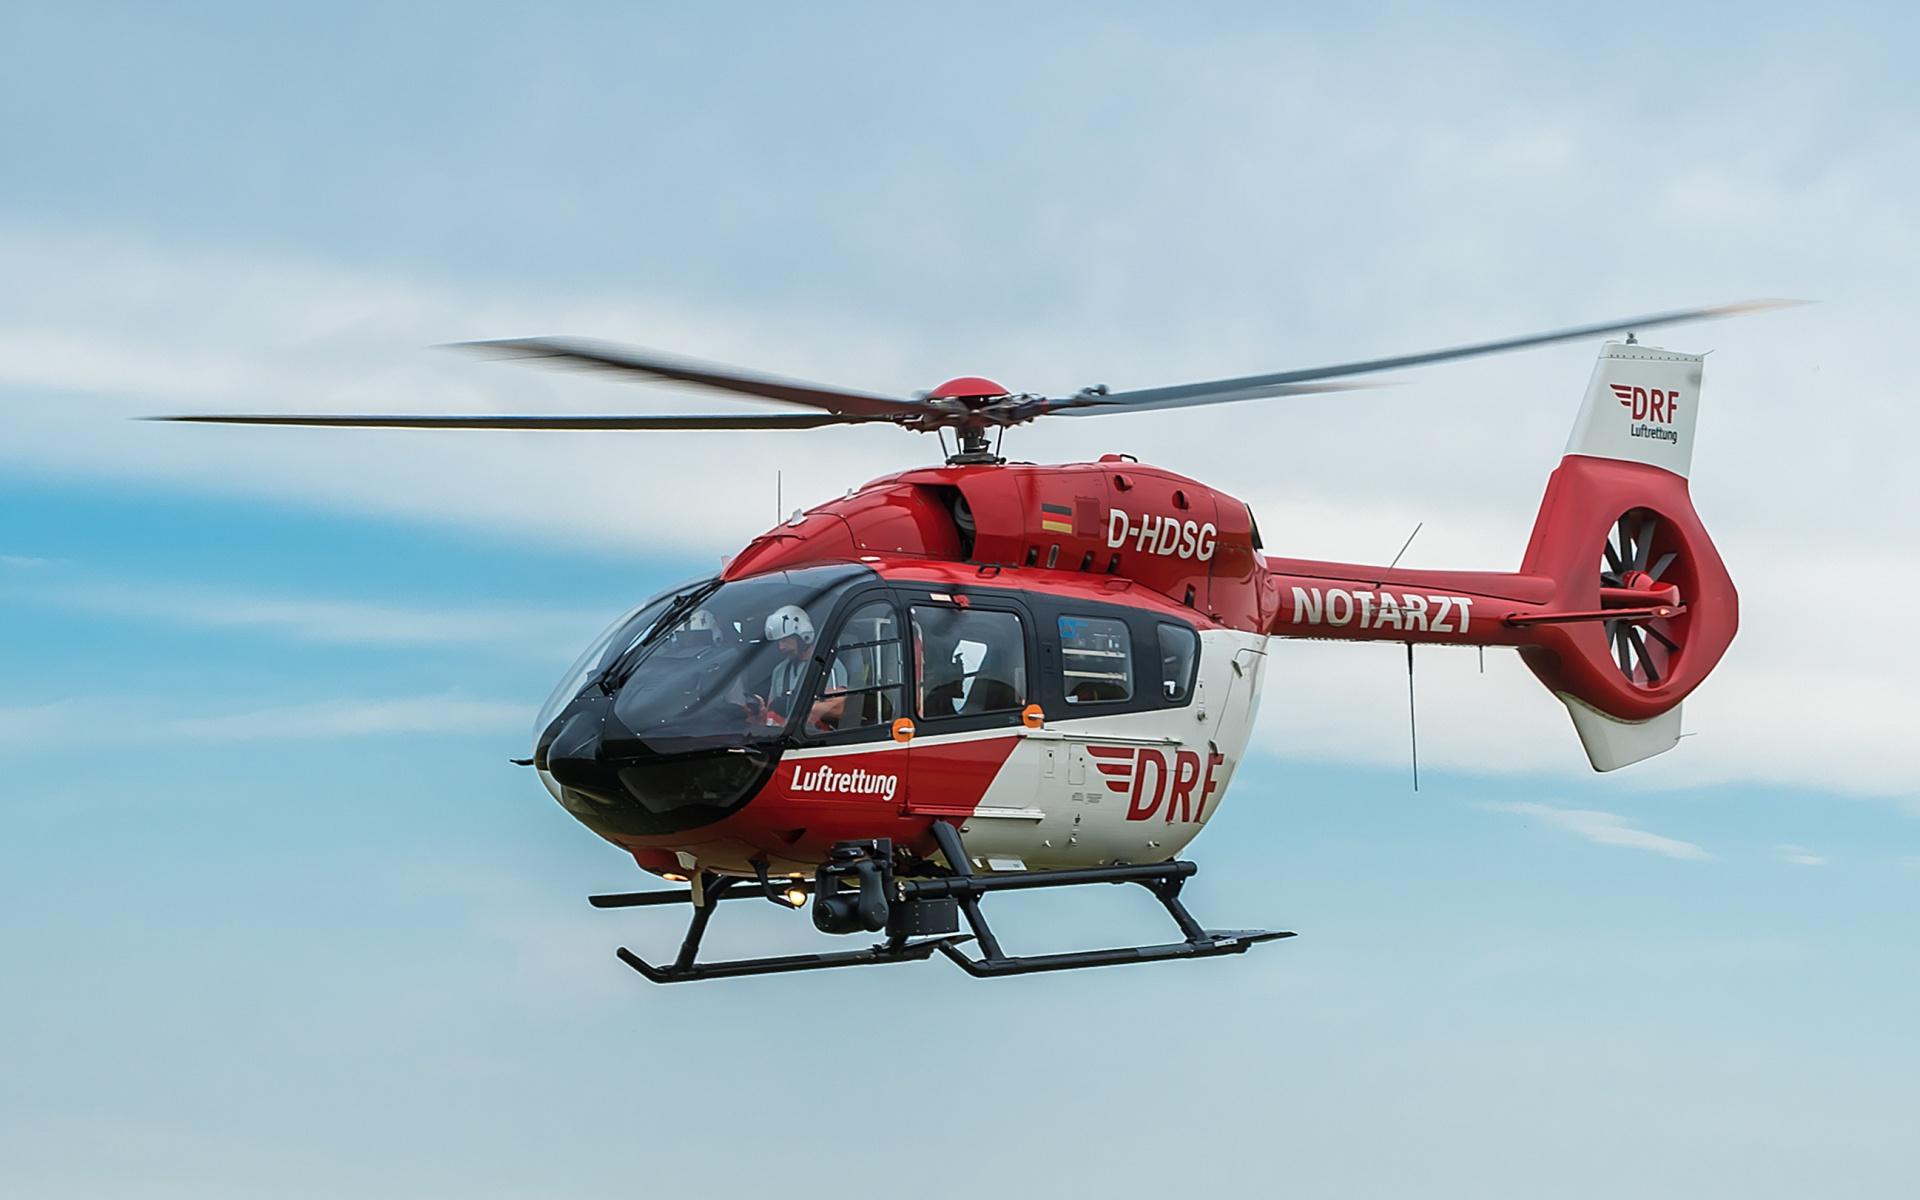 Die ersten rot-weißen Hubschrauber wurden mit mechanischen Reanimationsgeräten ausgestattet - damit ist eine durchgehende Herzdruckmassage während des Flugs möglich.